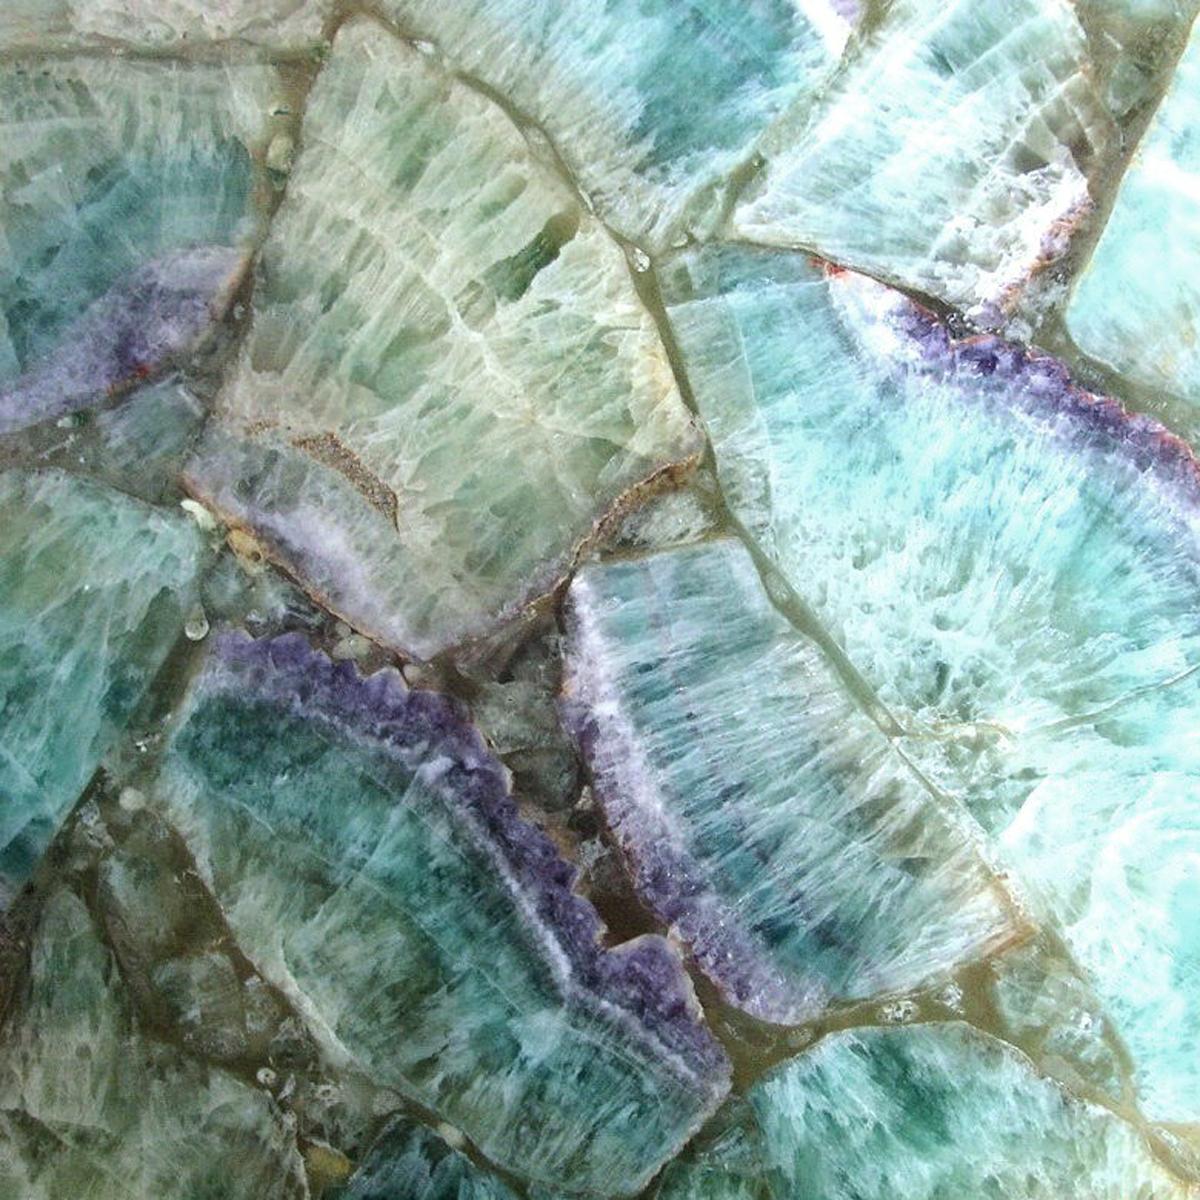 Custom Geode Tiles For Pools Murals Etc.